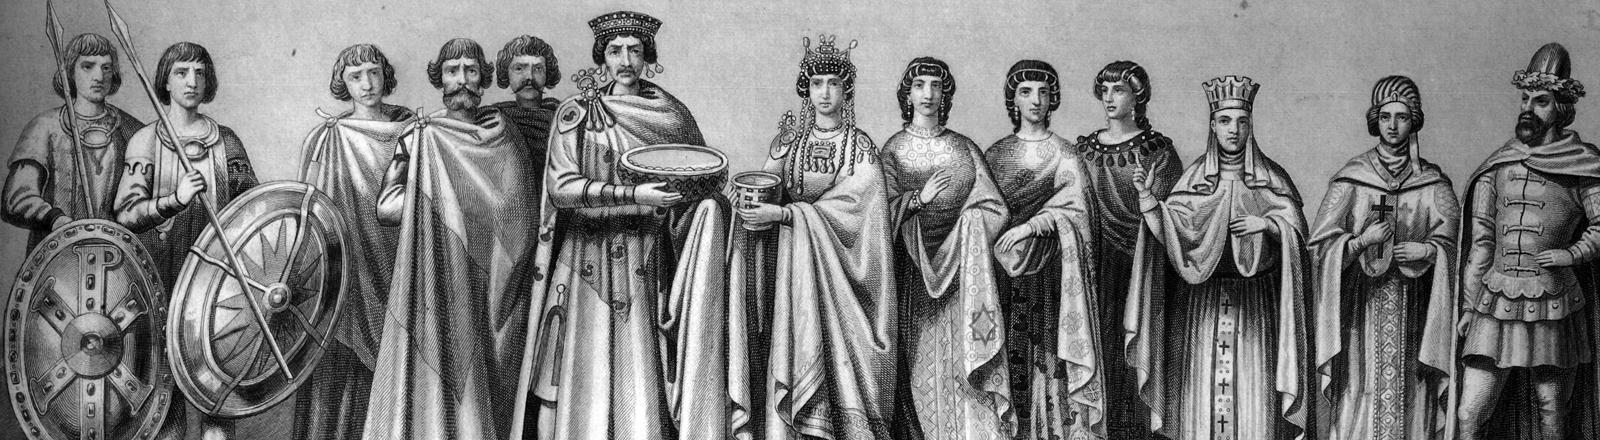 Zeichnung des Kaisers Justinian mit seiner Frau und Gefolge